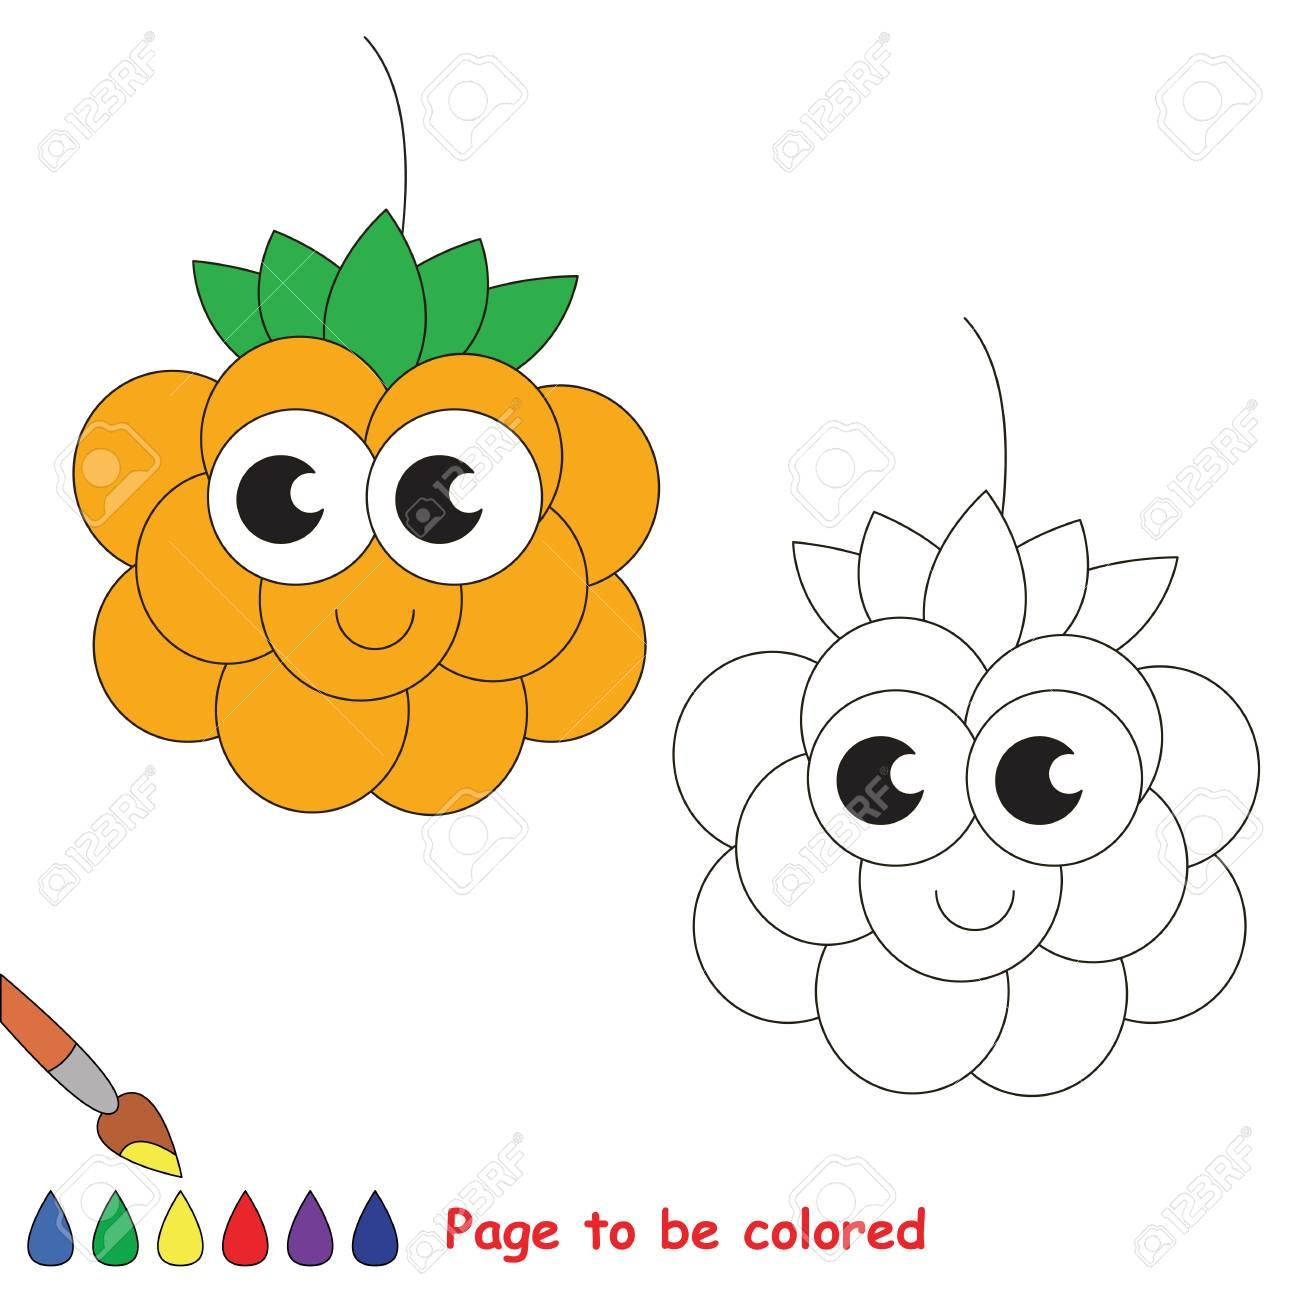 Cloudberry À Colorier. Livre De Coloriage Pour Éduquer Les Enfants.  Apprendre Les Couleurs Jeu Éducatif Visuel. Jeu Facile Pour Les Enfants Et tout Jeux Pour Apprendre Les Couleurs